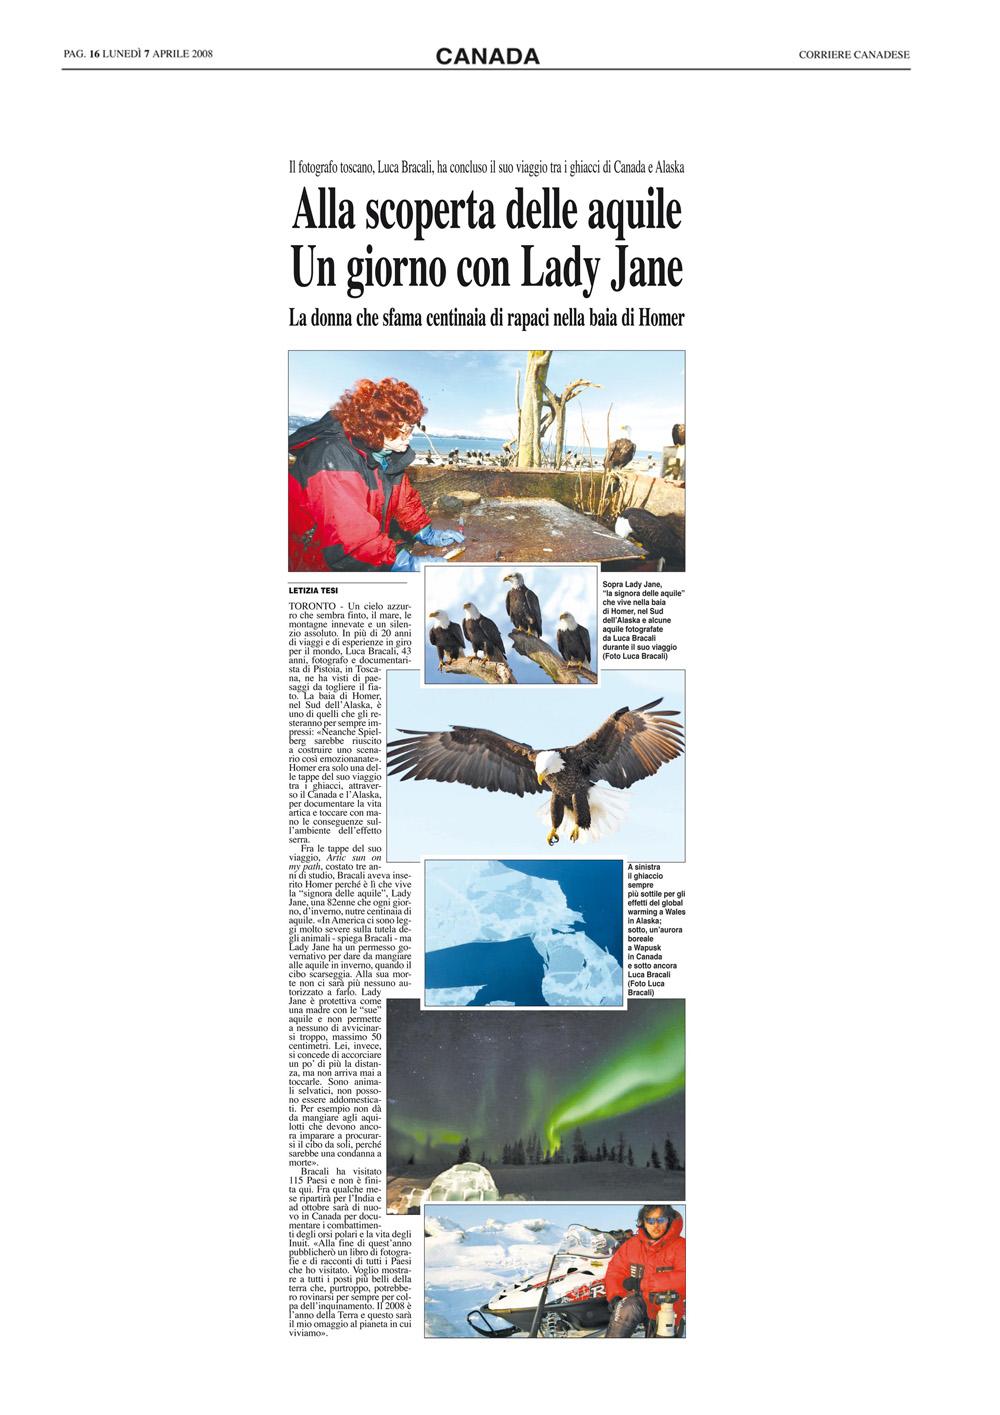 Corriere-Canadese_07_04_08_grande